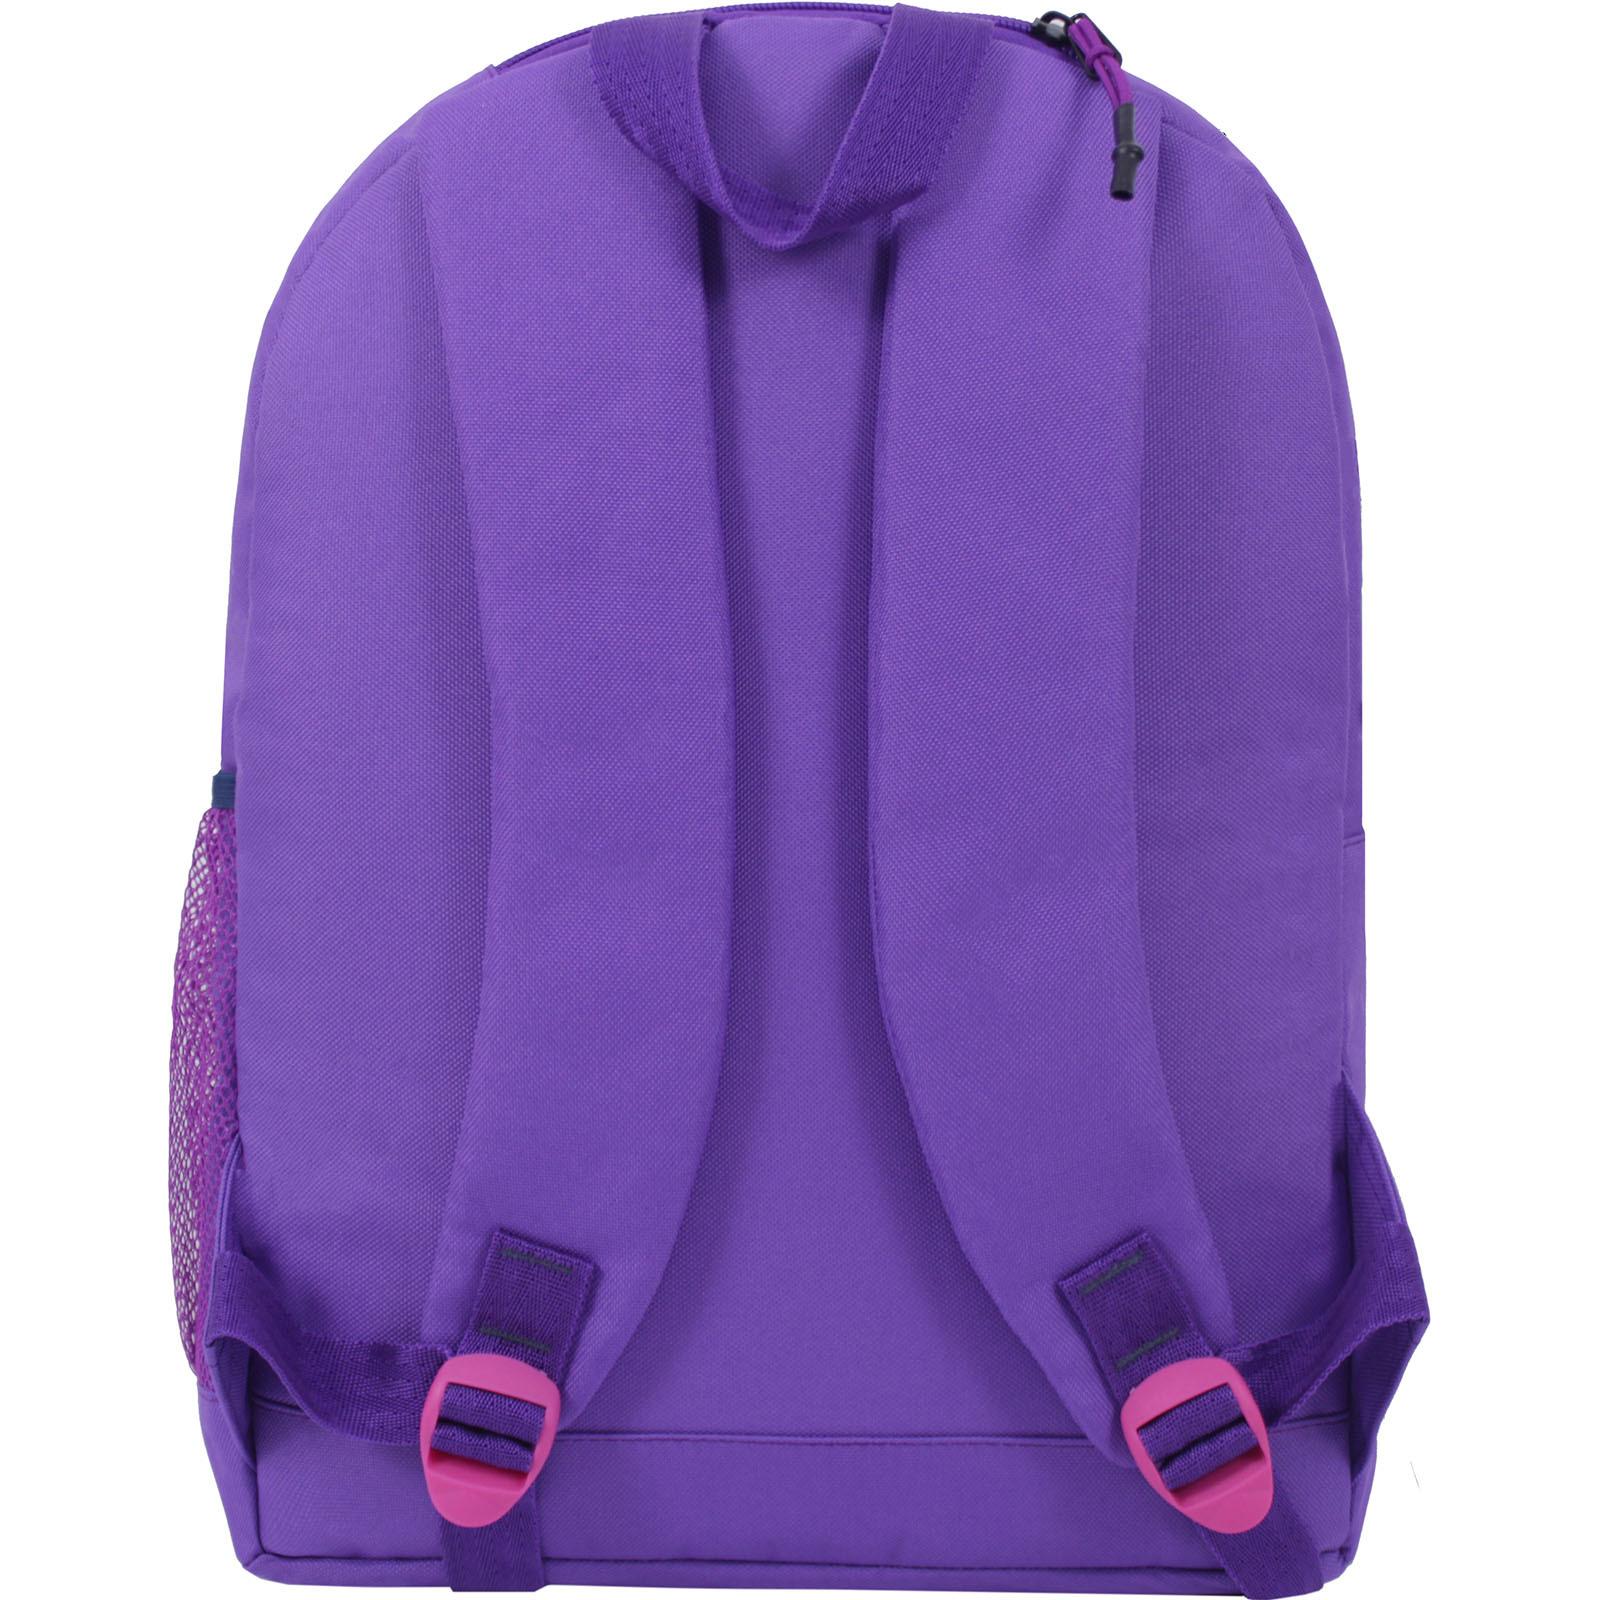 Рюкзак Bagland Hood W/R 17 л. фиолетовый 469 (0054466) фото 3